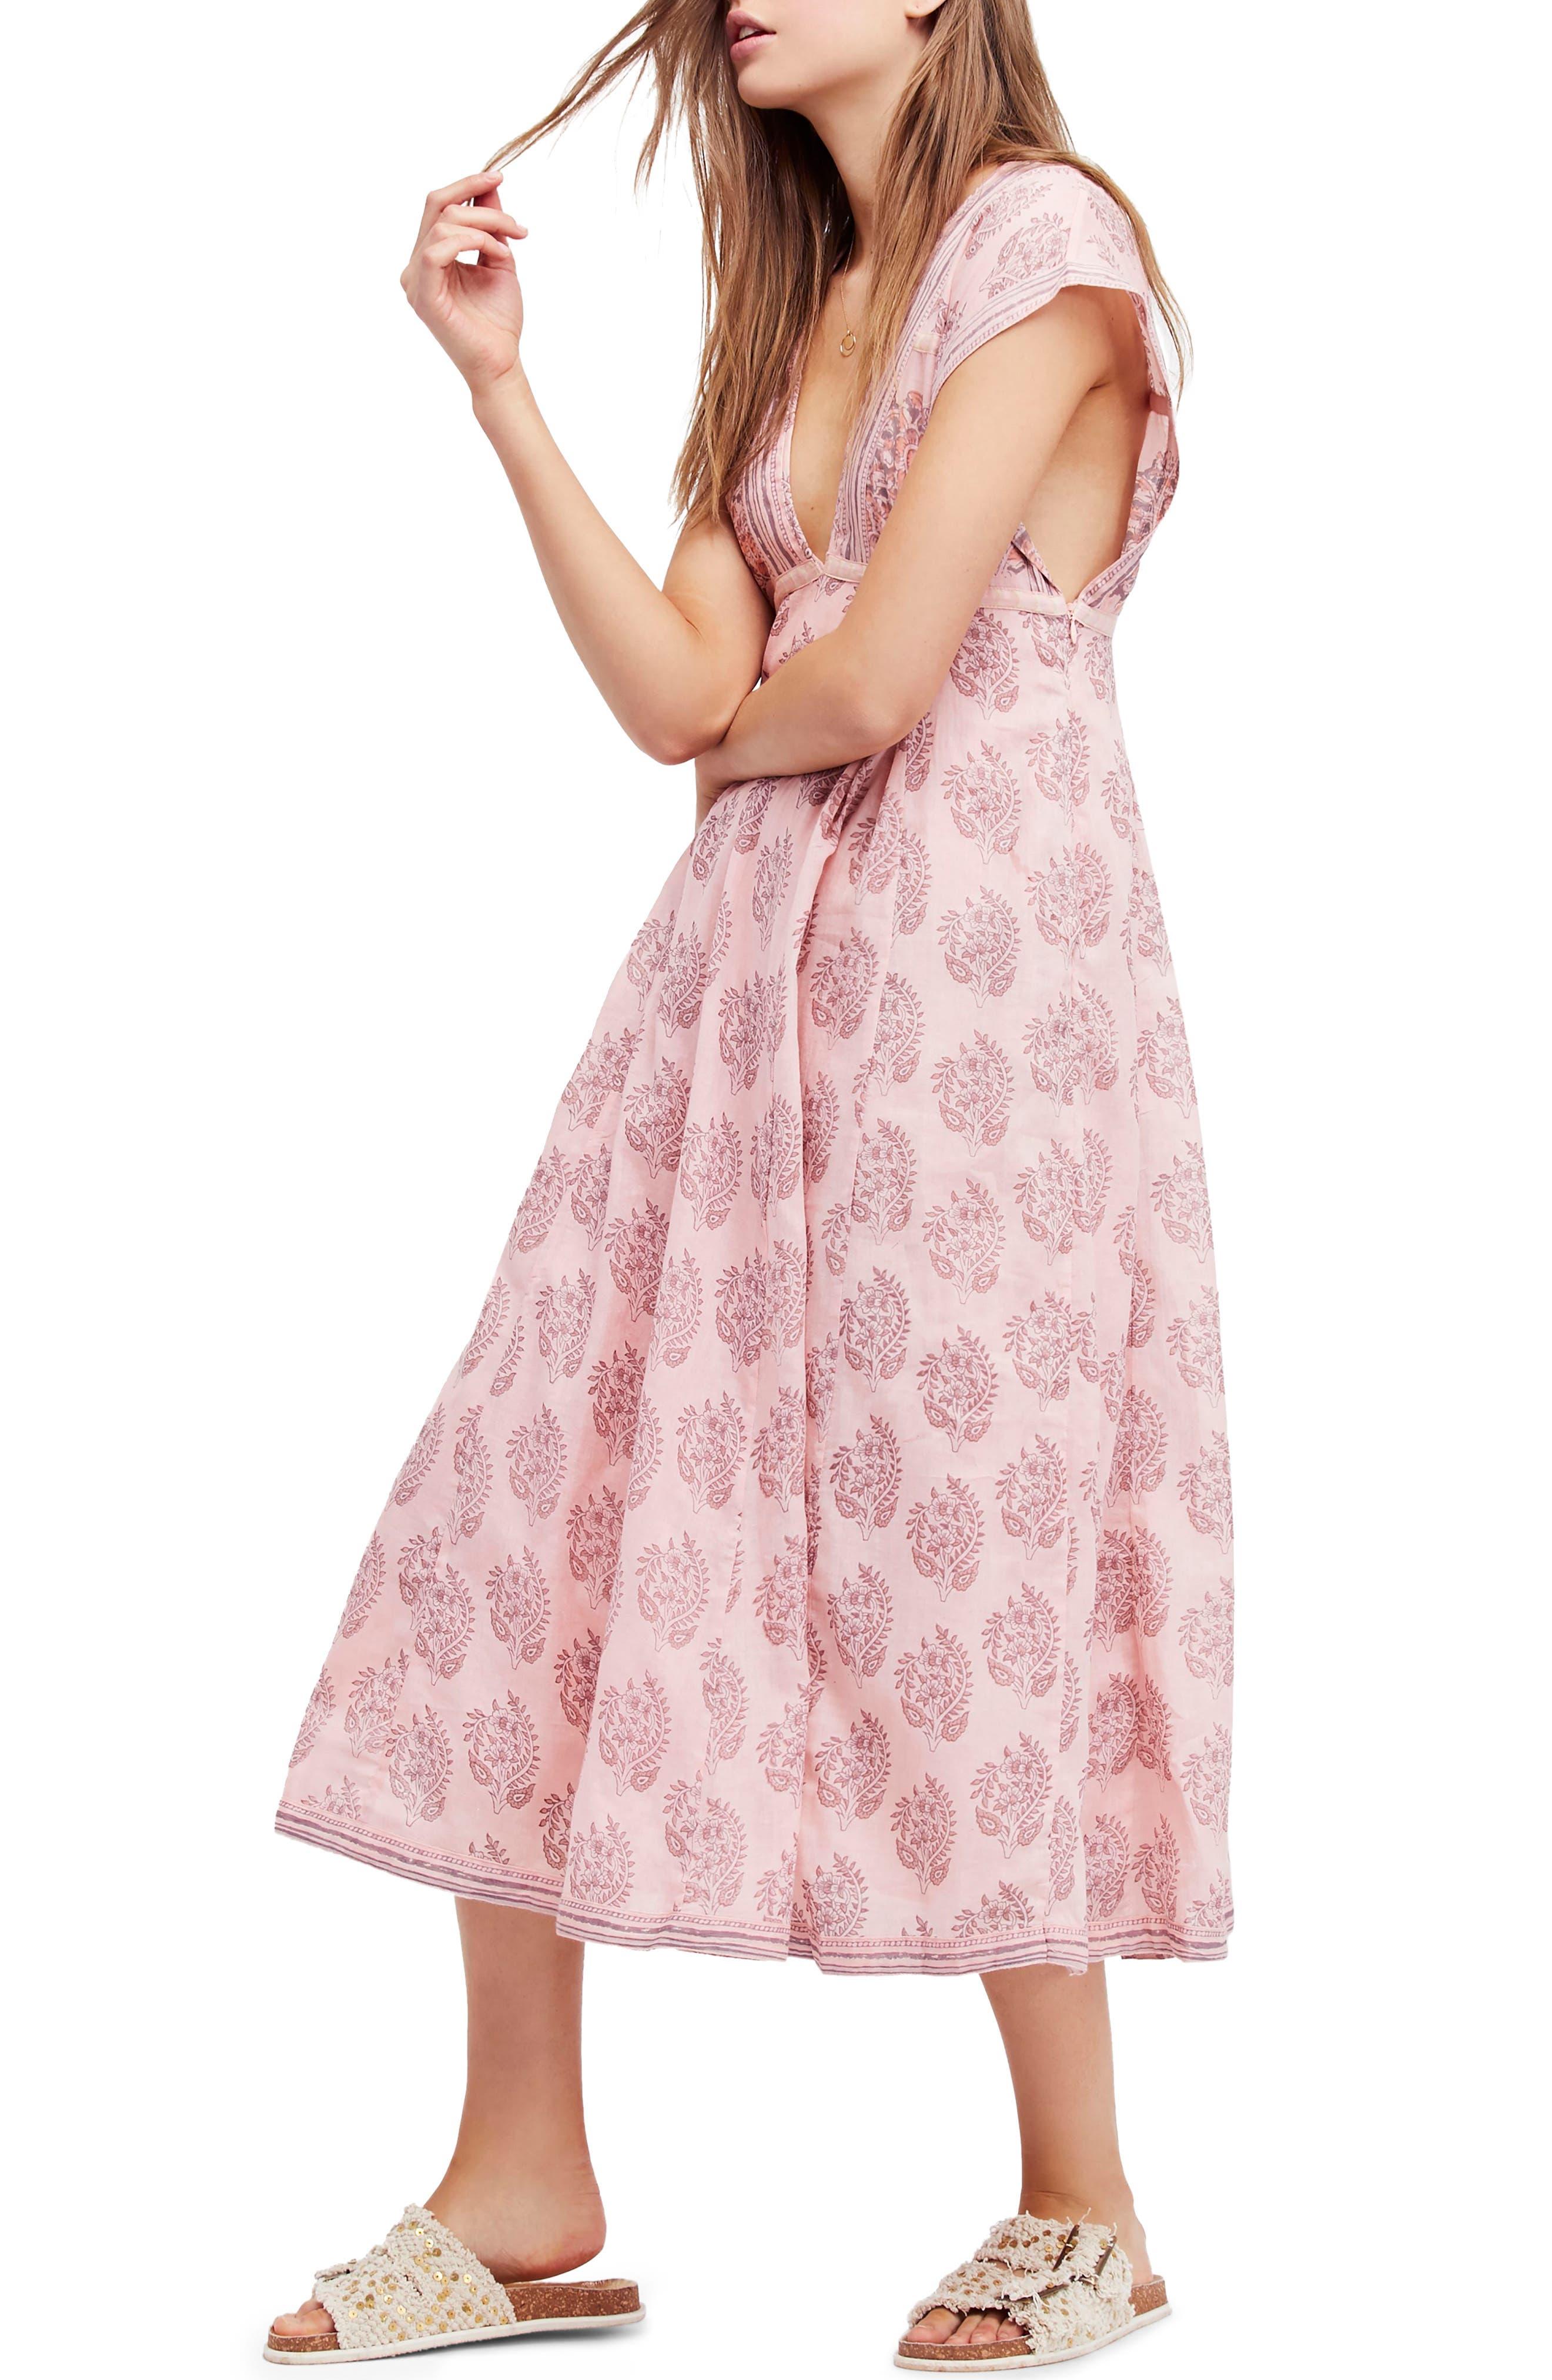 Riakaa Dress,                         Main,                         color, Pink